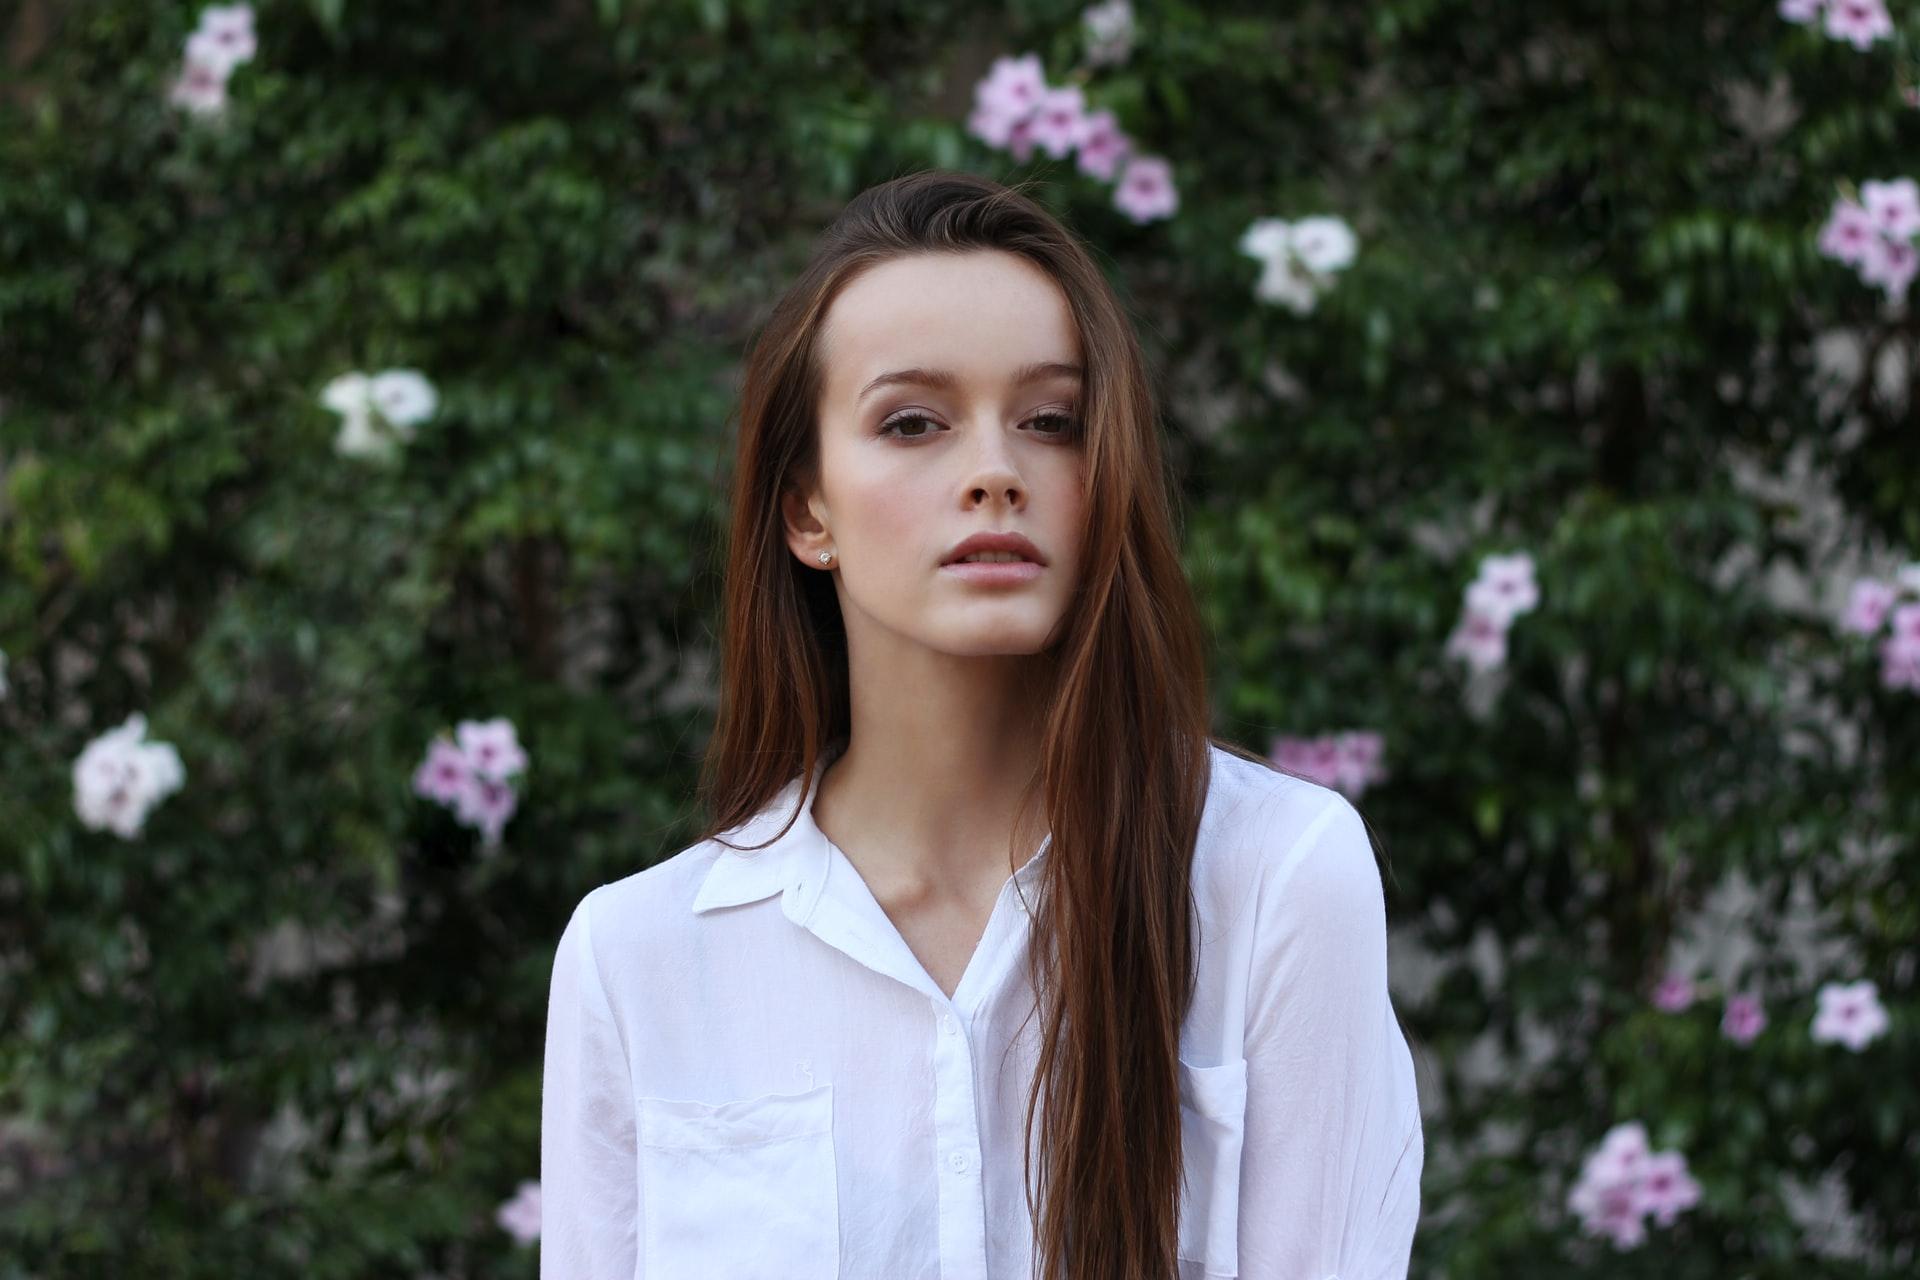 Kobieta w białej koszuli na tle roślin